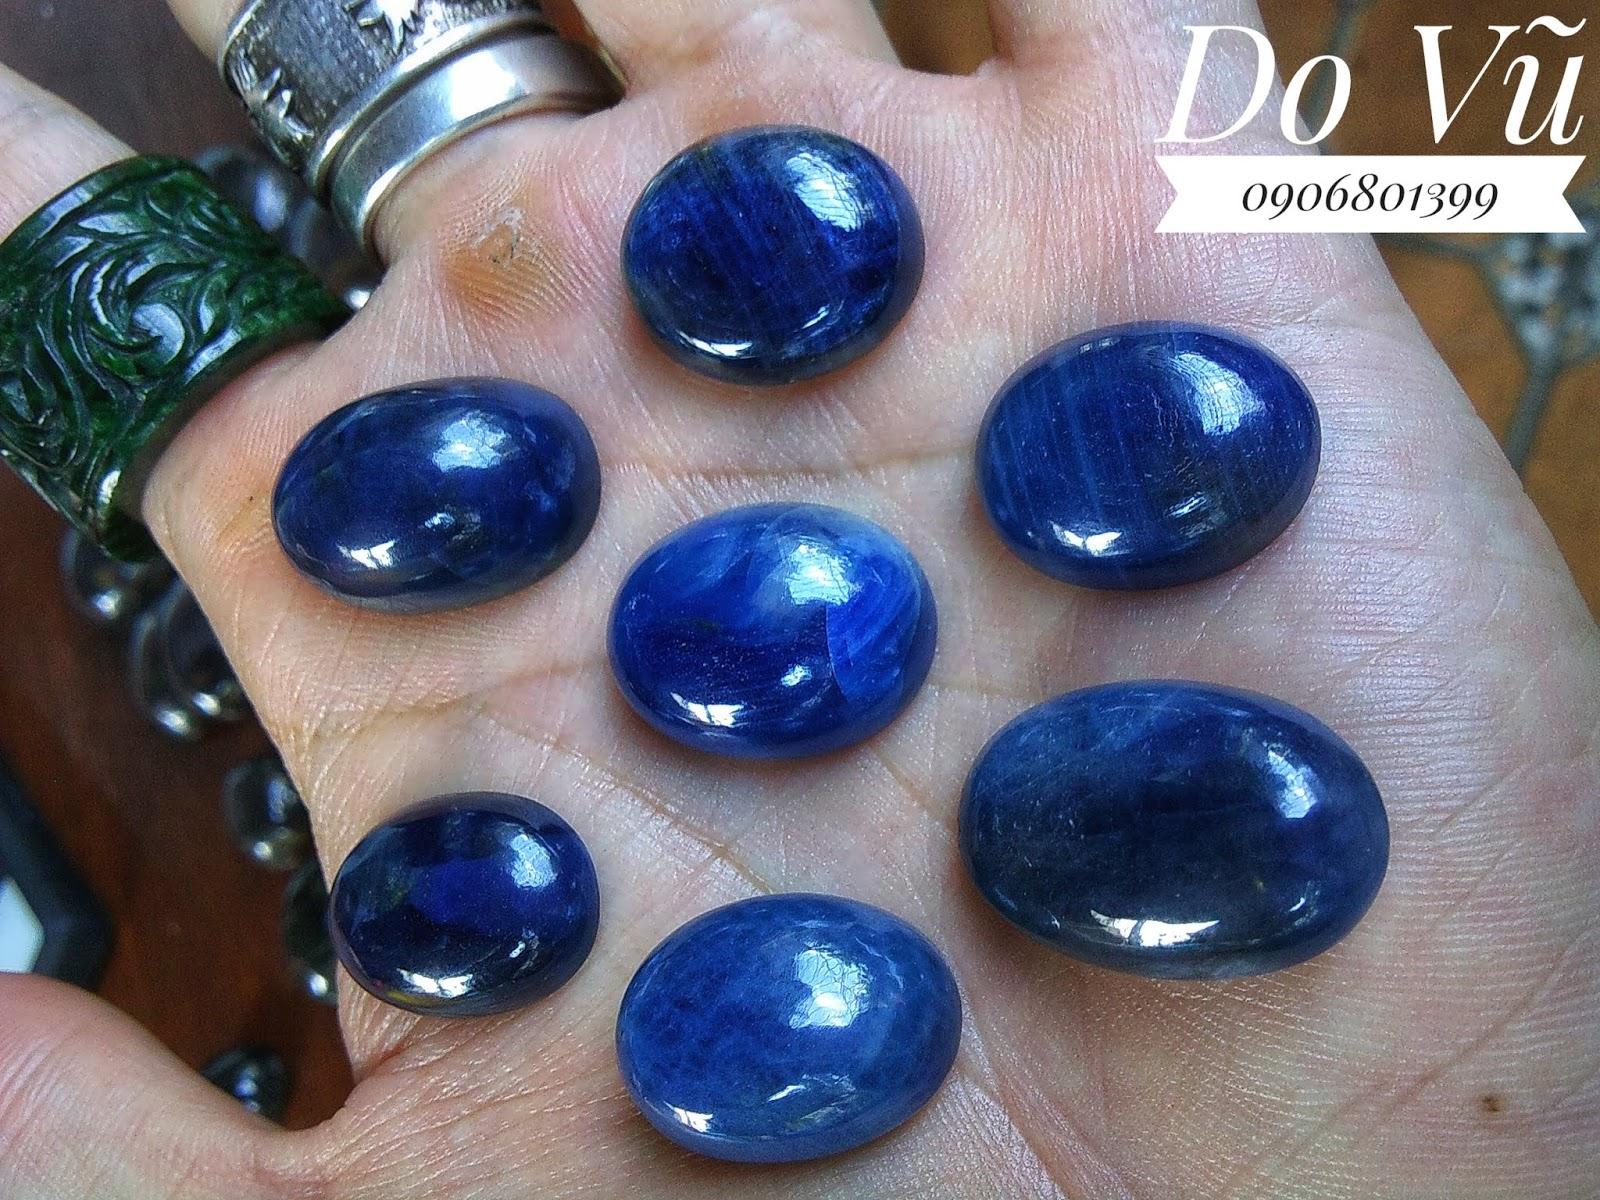 Đá quý Sapphire thiên nhiên, Natural Sapphire da xanh Hero chất ngọc ( 13/04/20, 02 )